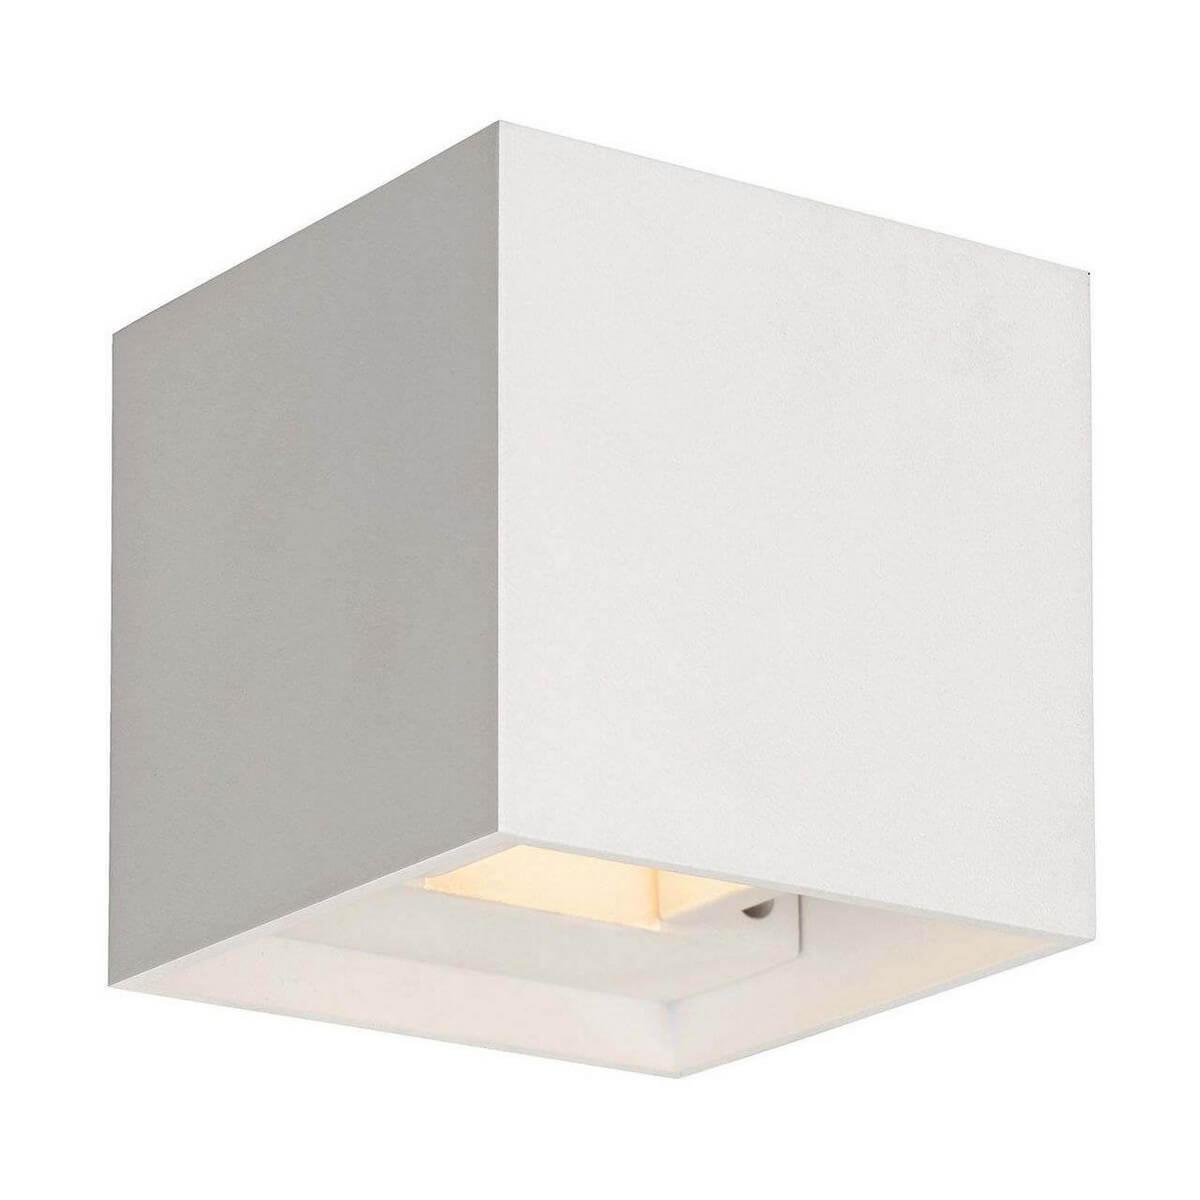 Уличный светильник Lucide 17293/02/31, LED lucide уличный настенный светодиодный светильник lucide hyro 27864 10 30